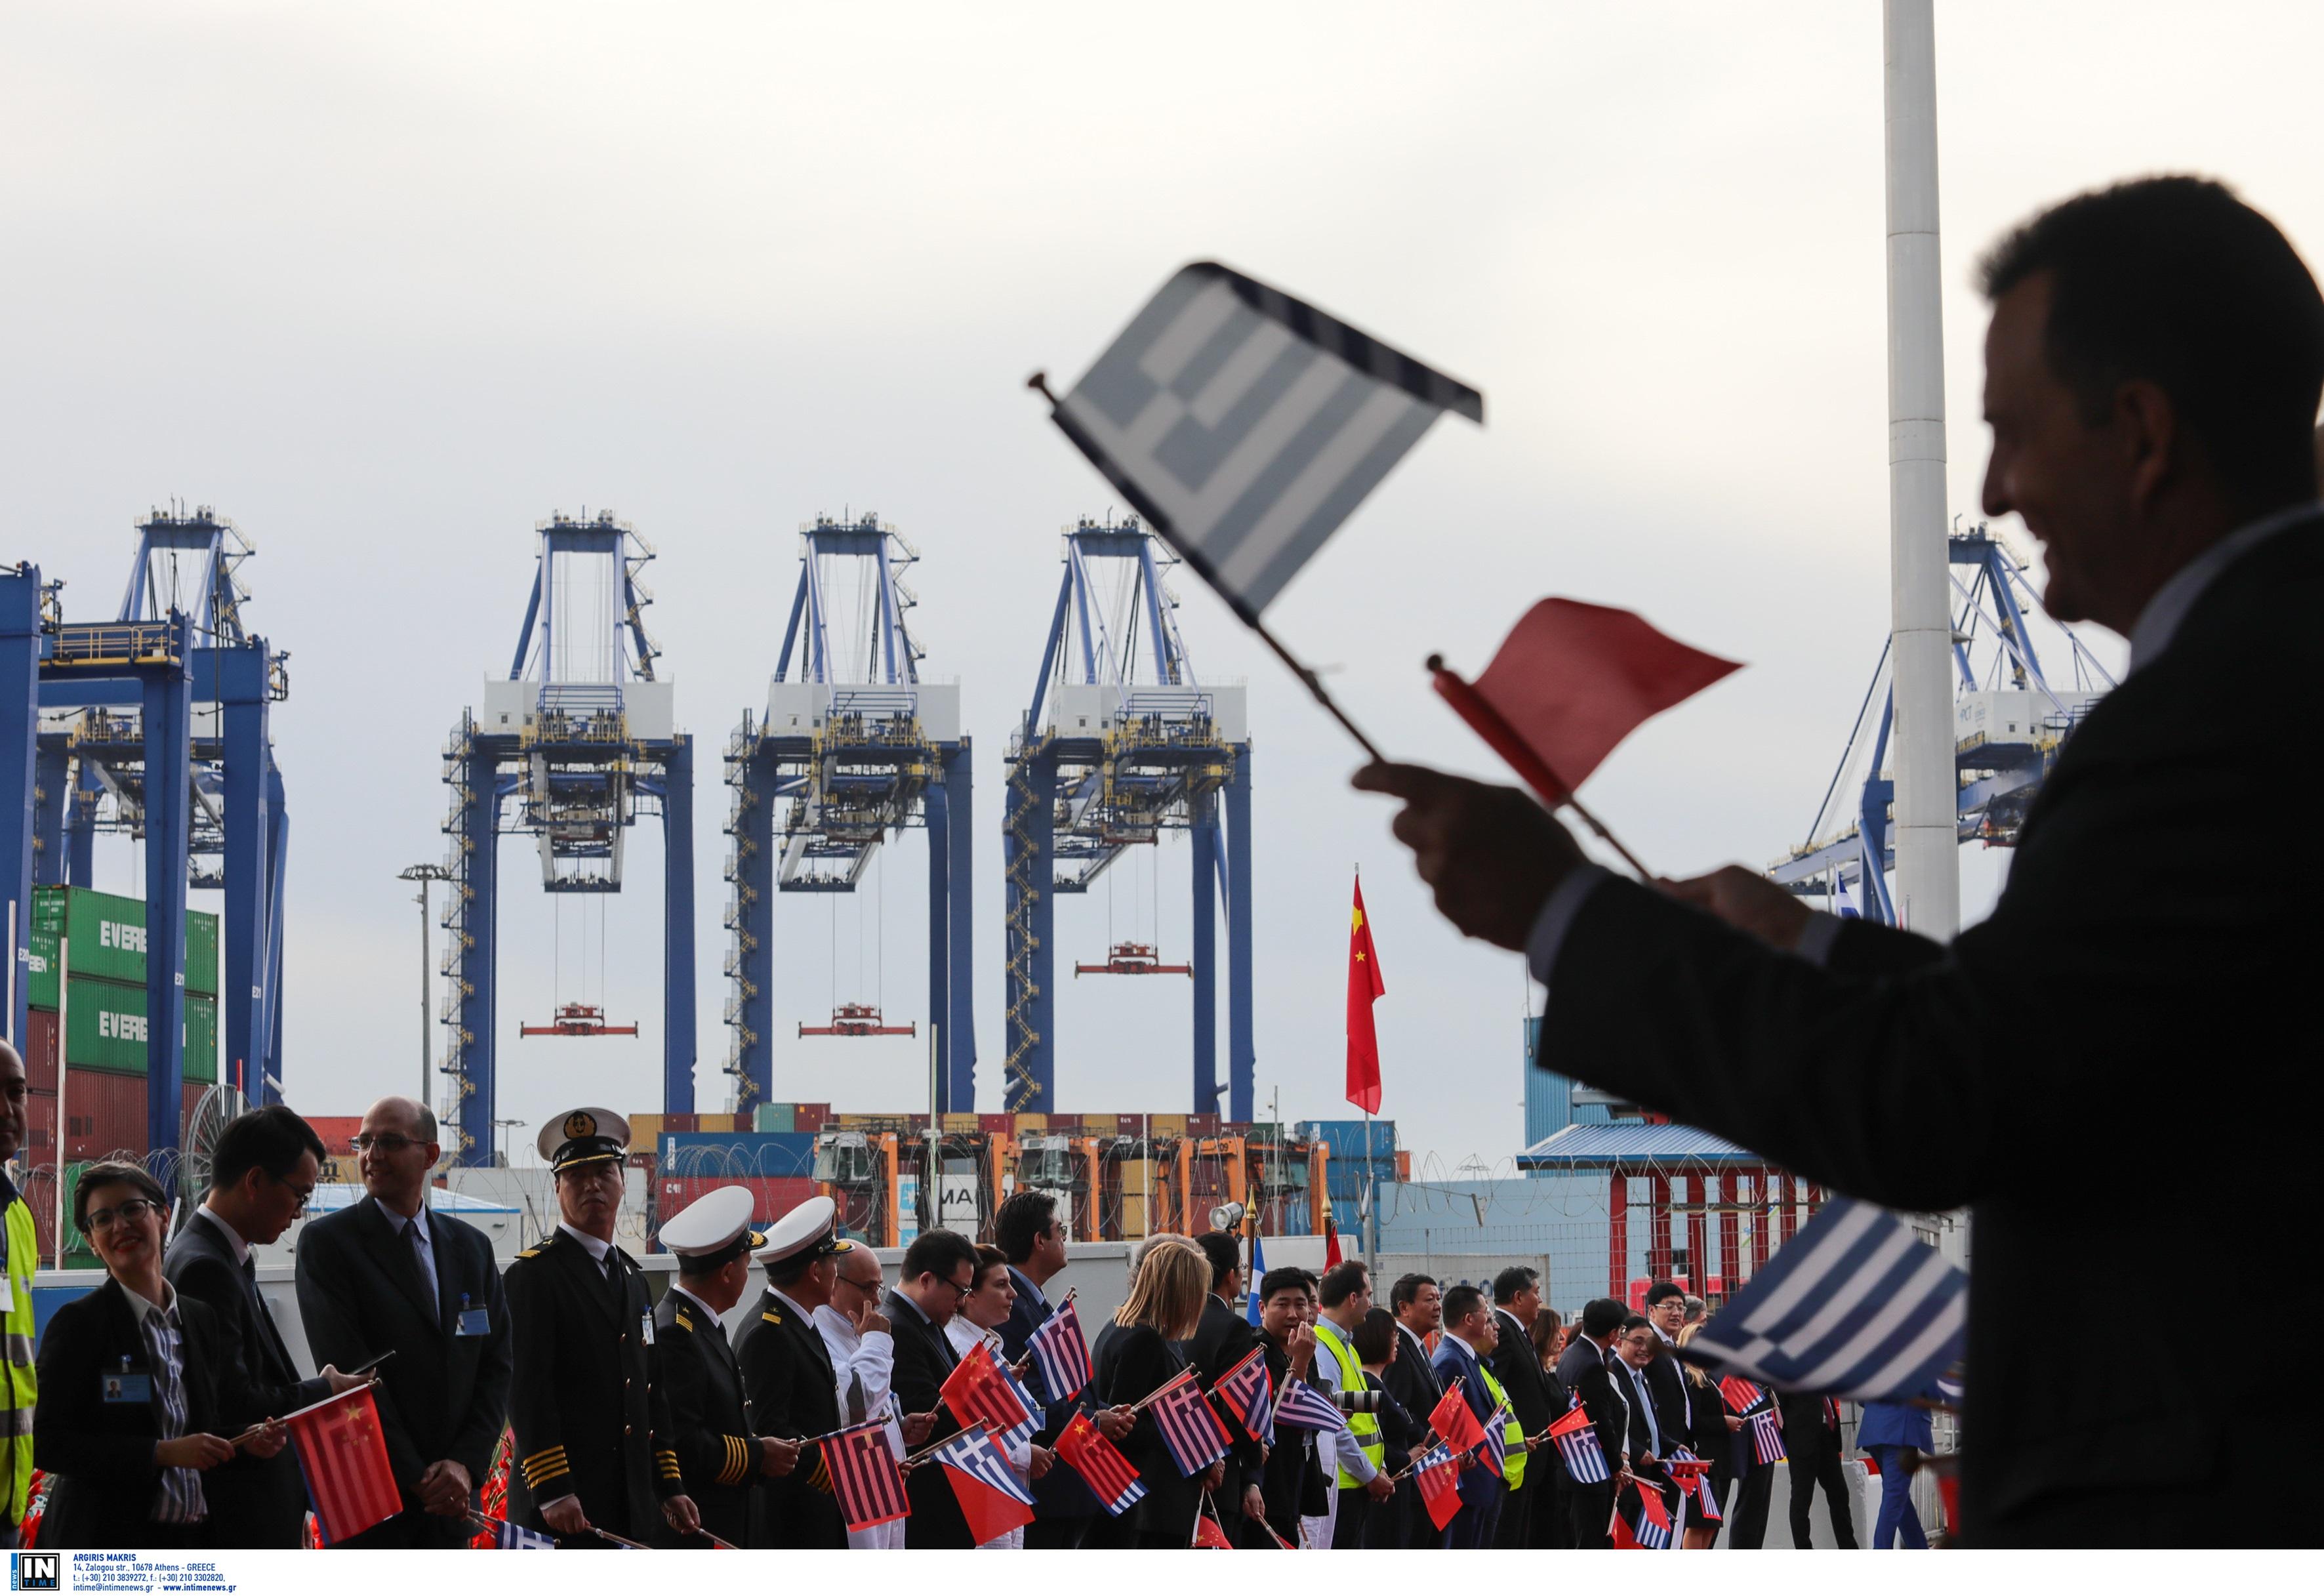 Ευρωπαϊκή Τράπεζα Επενδύσεων: 140 εκατ. ευρώ για το λιμάνι του Πειραιά